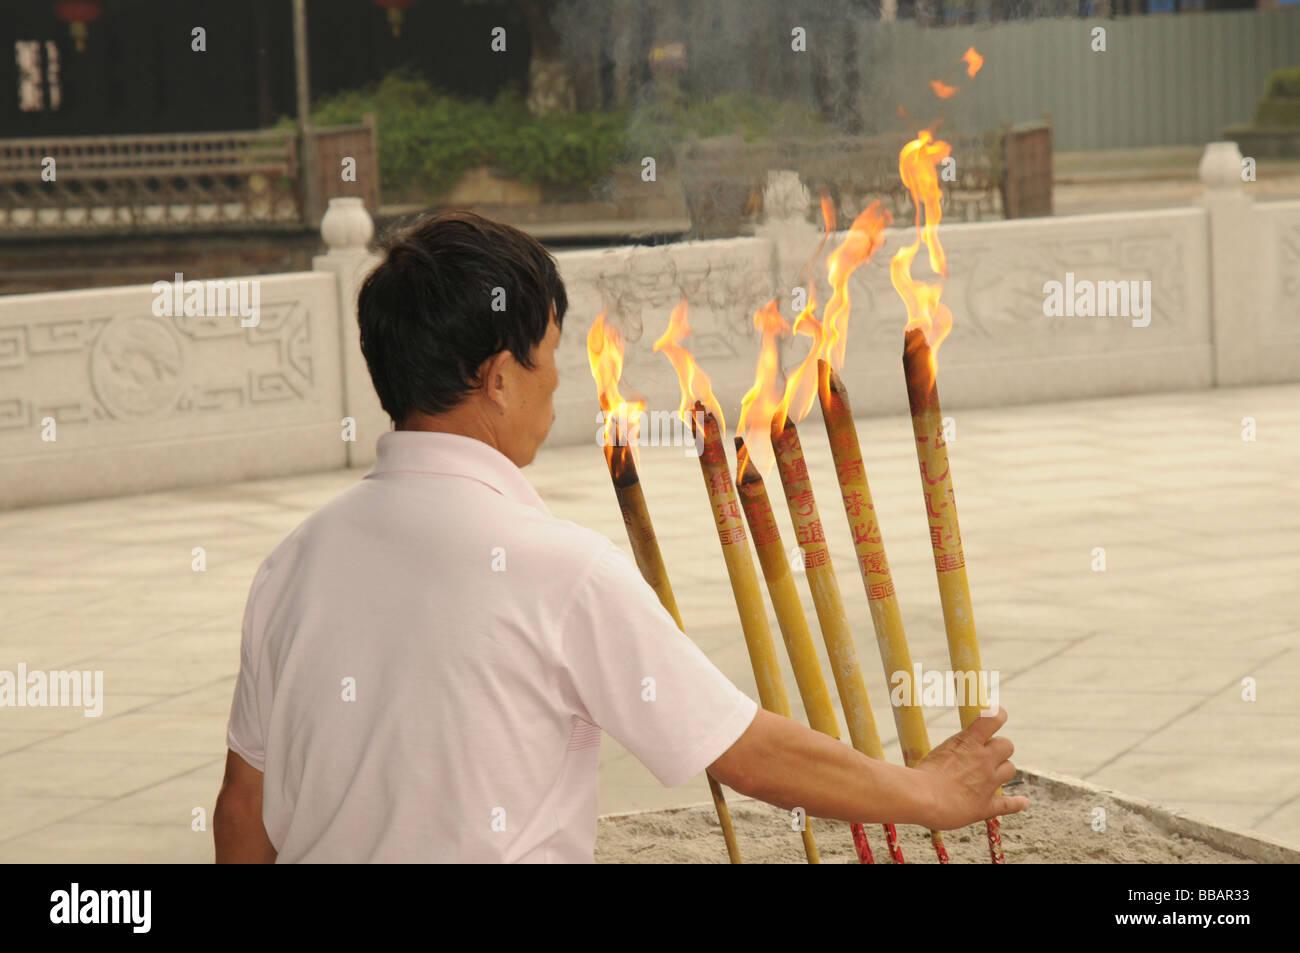 China Zhejiang Provinz Wuzhen Brennende Essenz in einem Tempel Stockbild